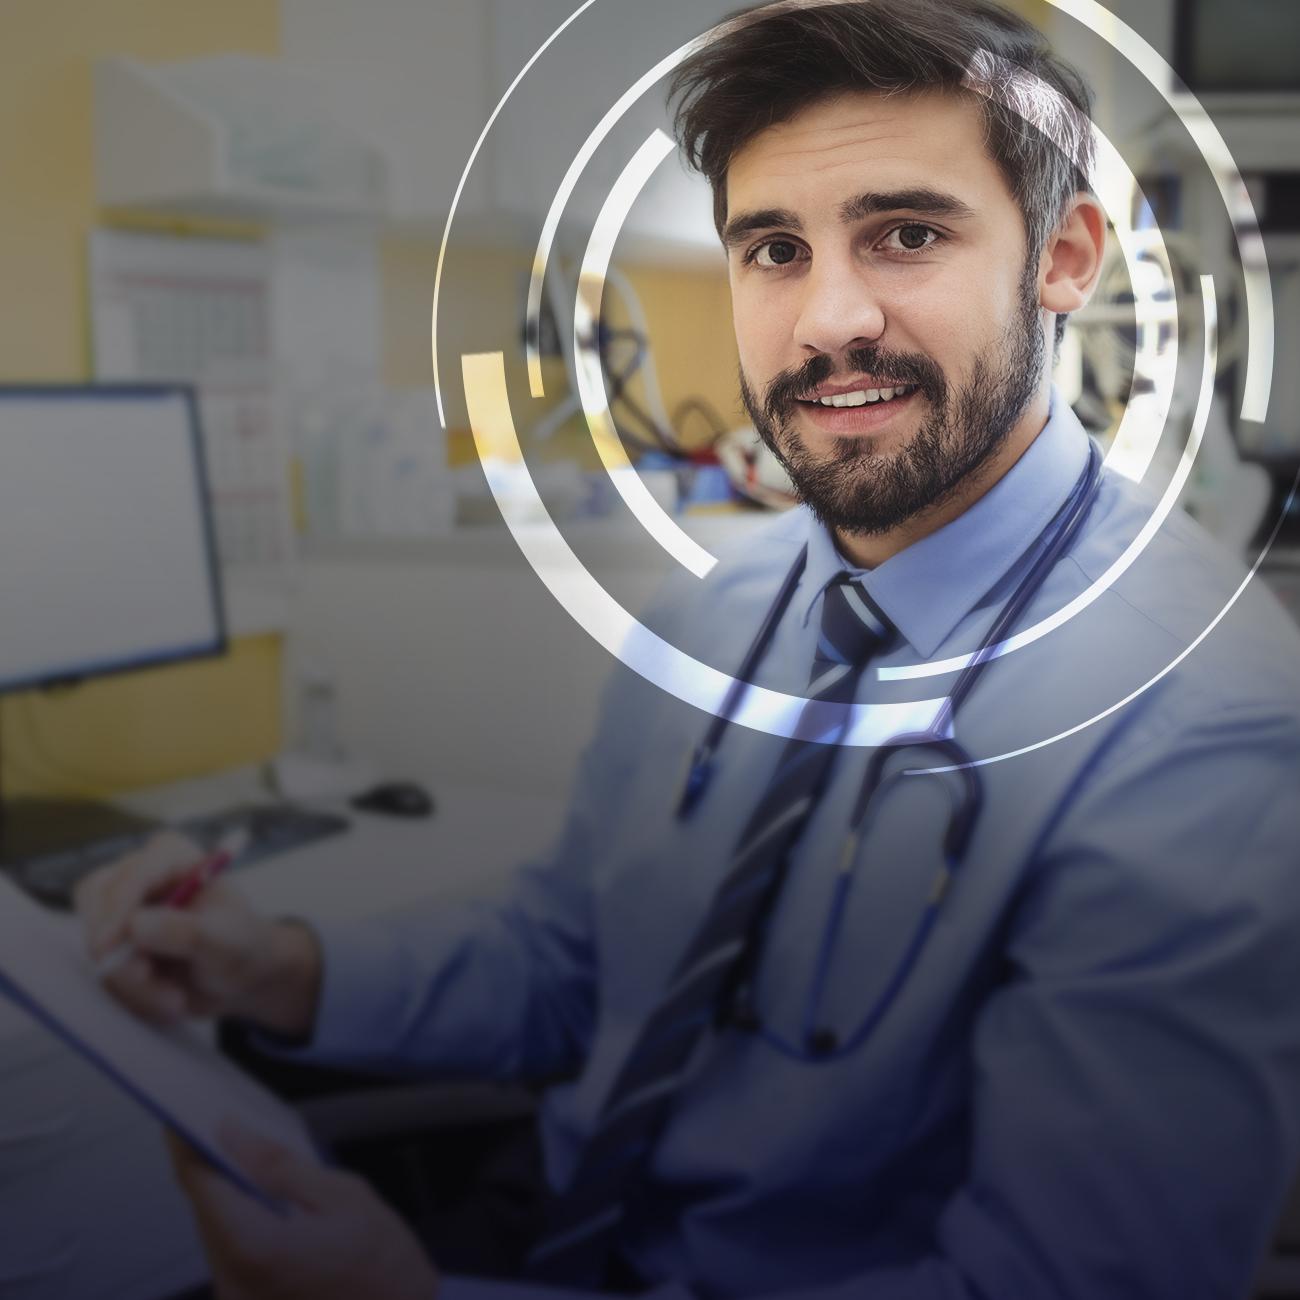 Auditoria e Perícia em Serviços de Saúde